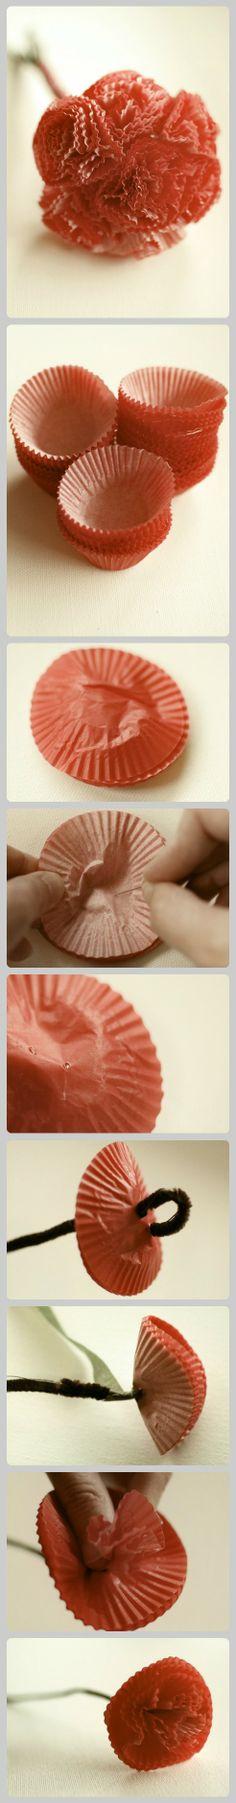 用cupcake纸做漂亮的纸花。